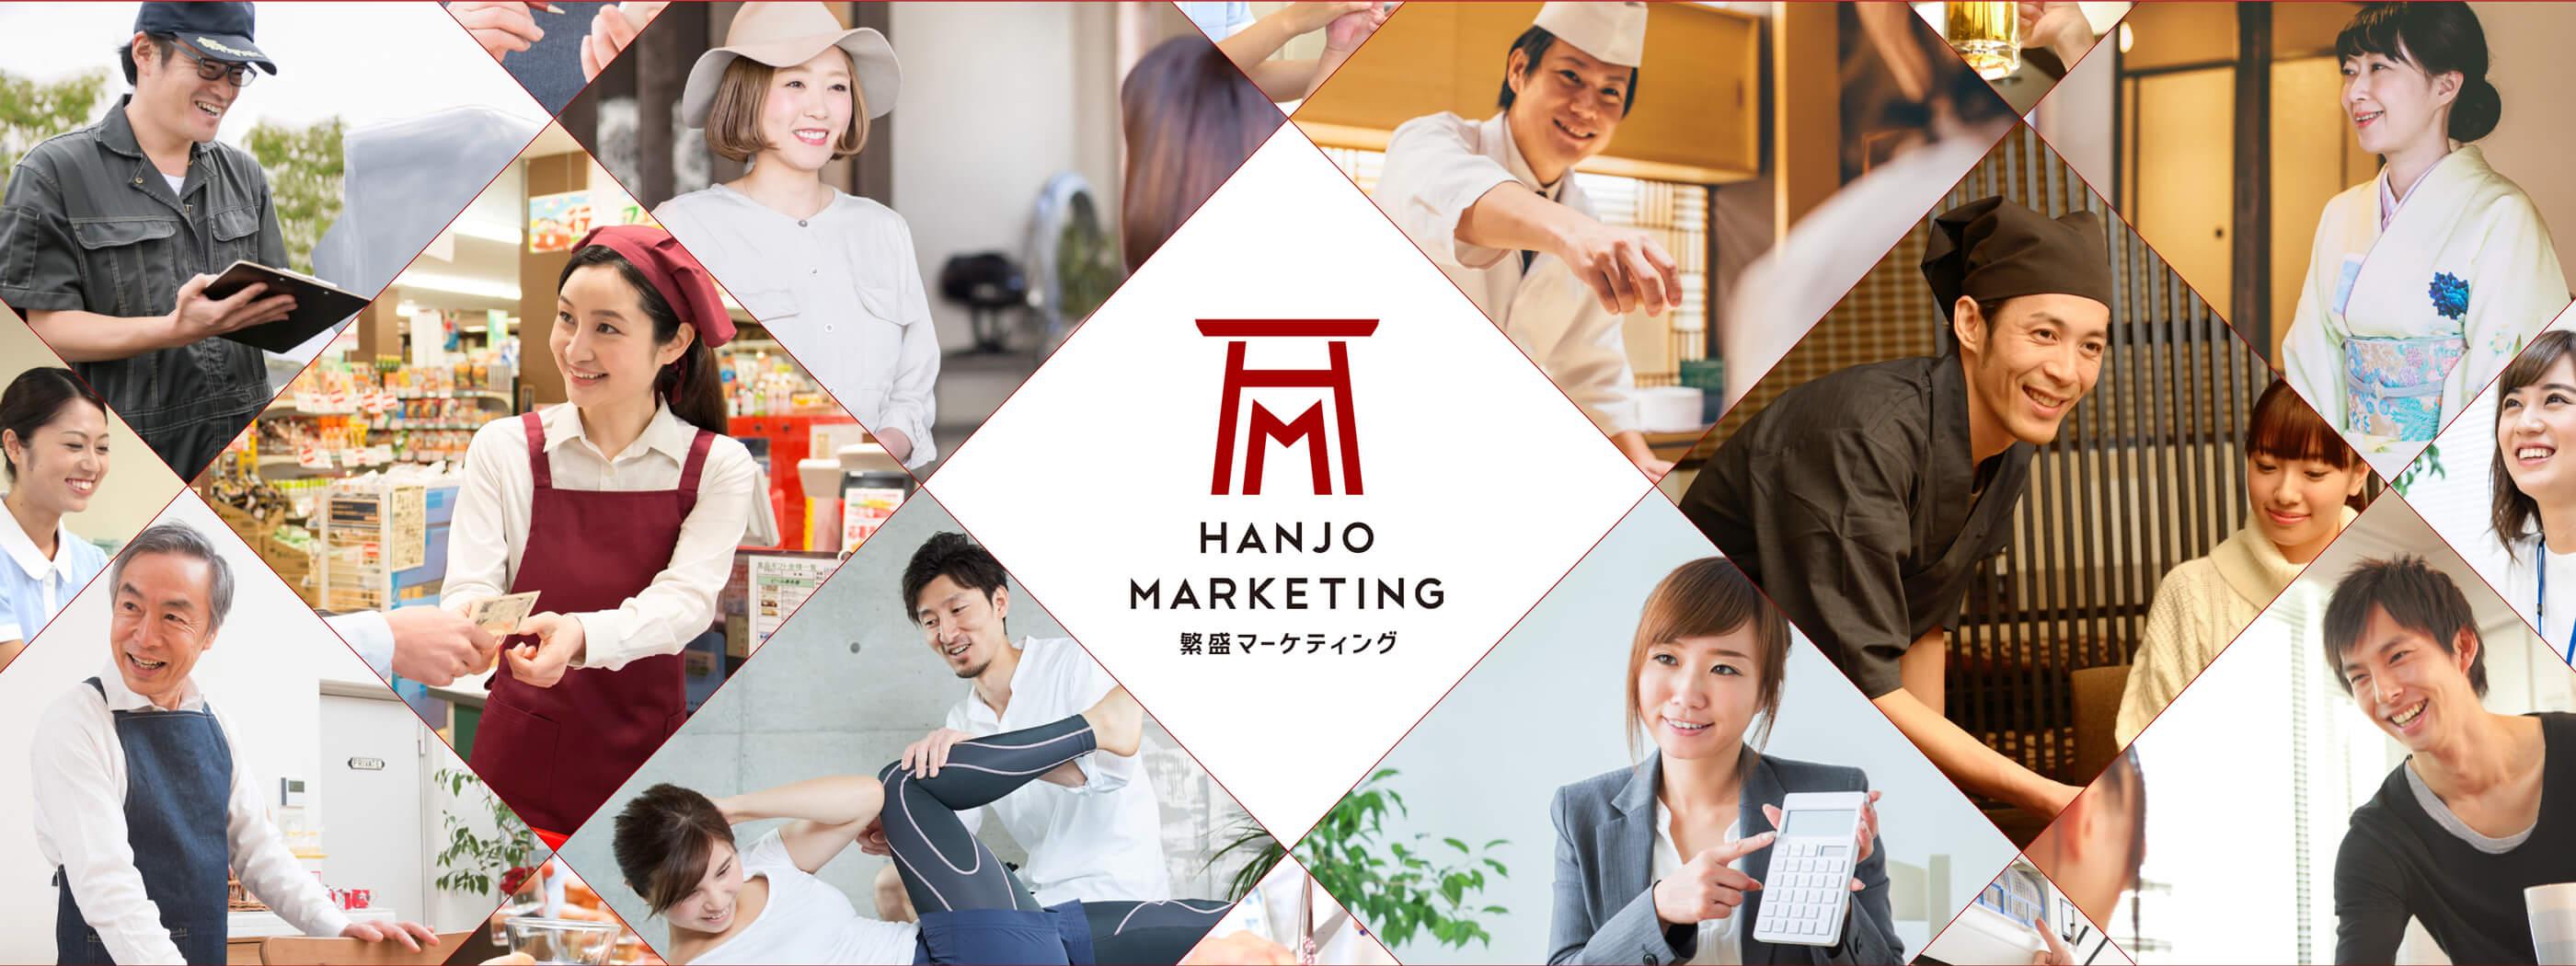 名古屋・岐阜の小さな店舗を繁盛店に変える集客のプロ集団